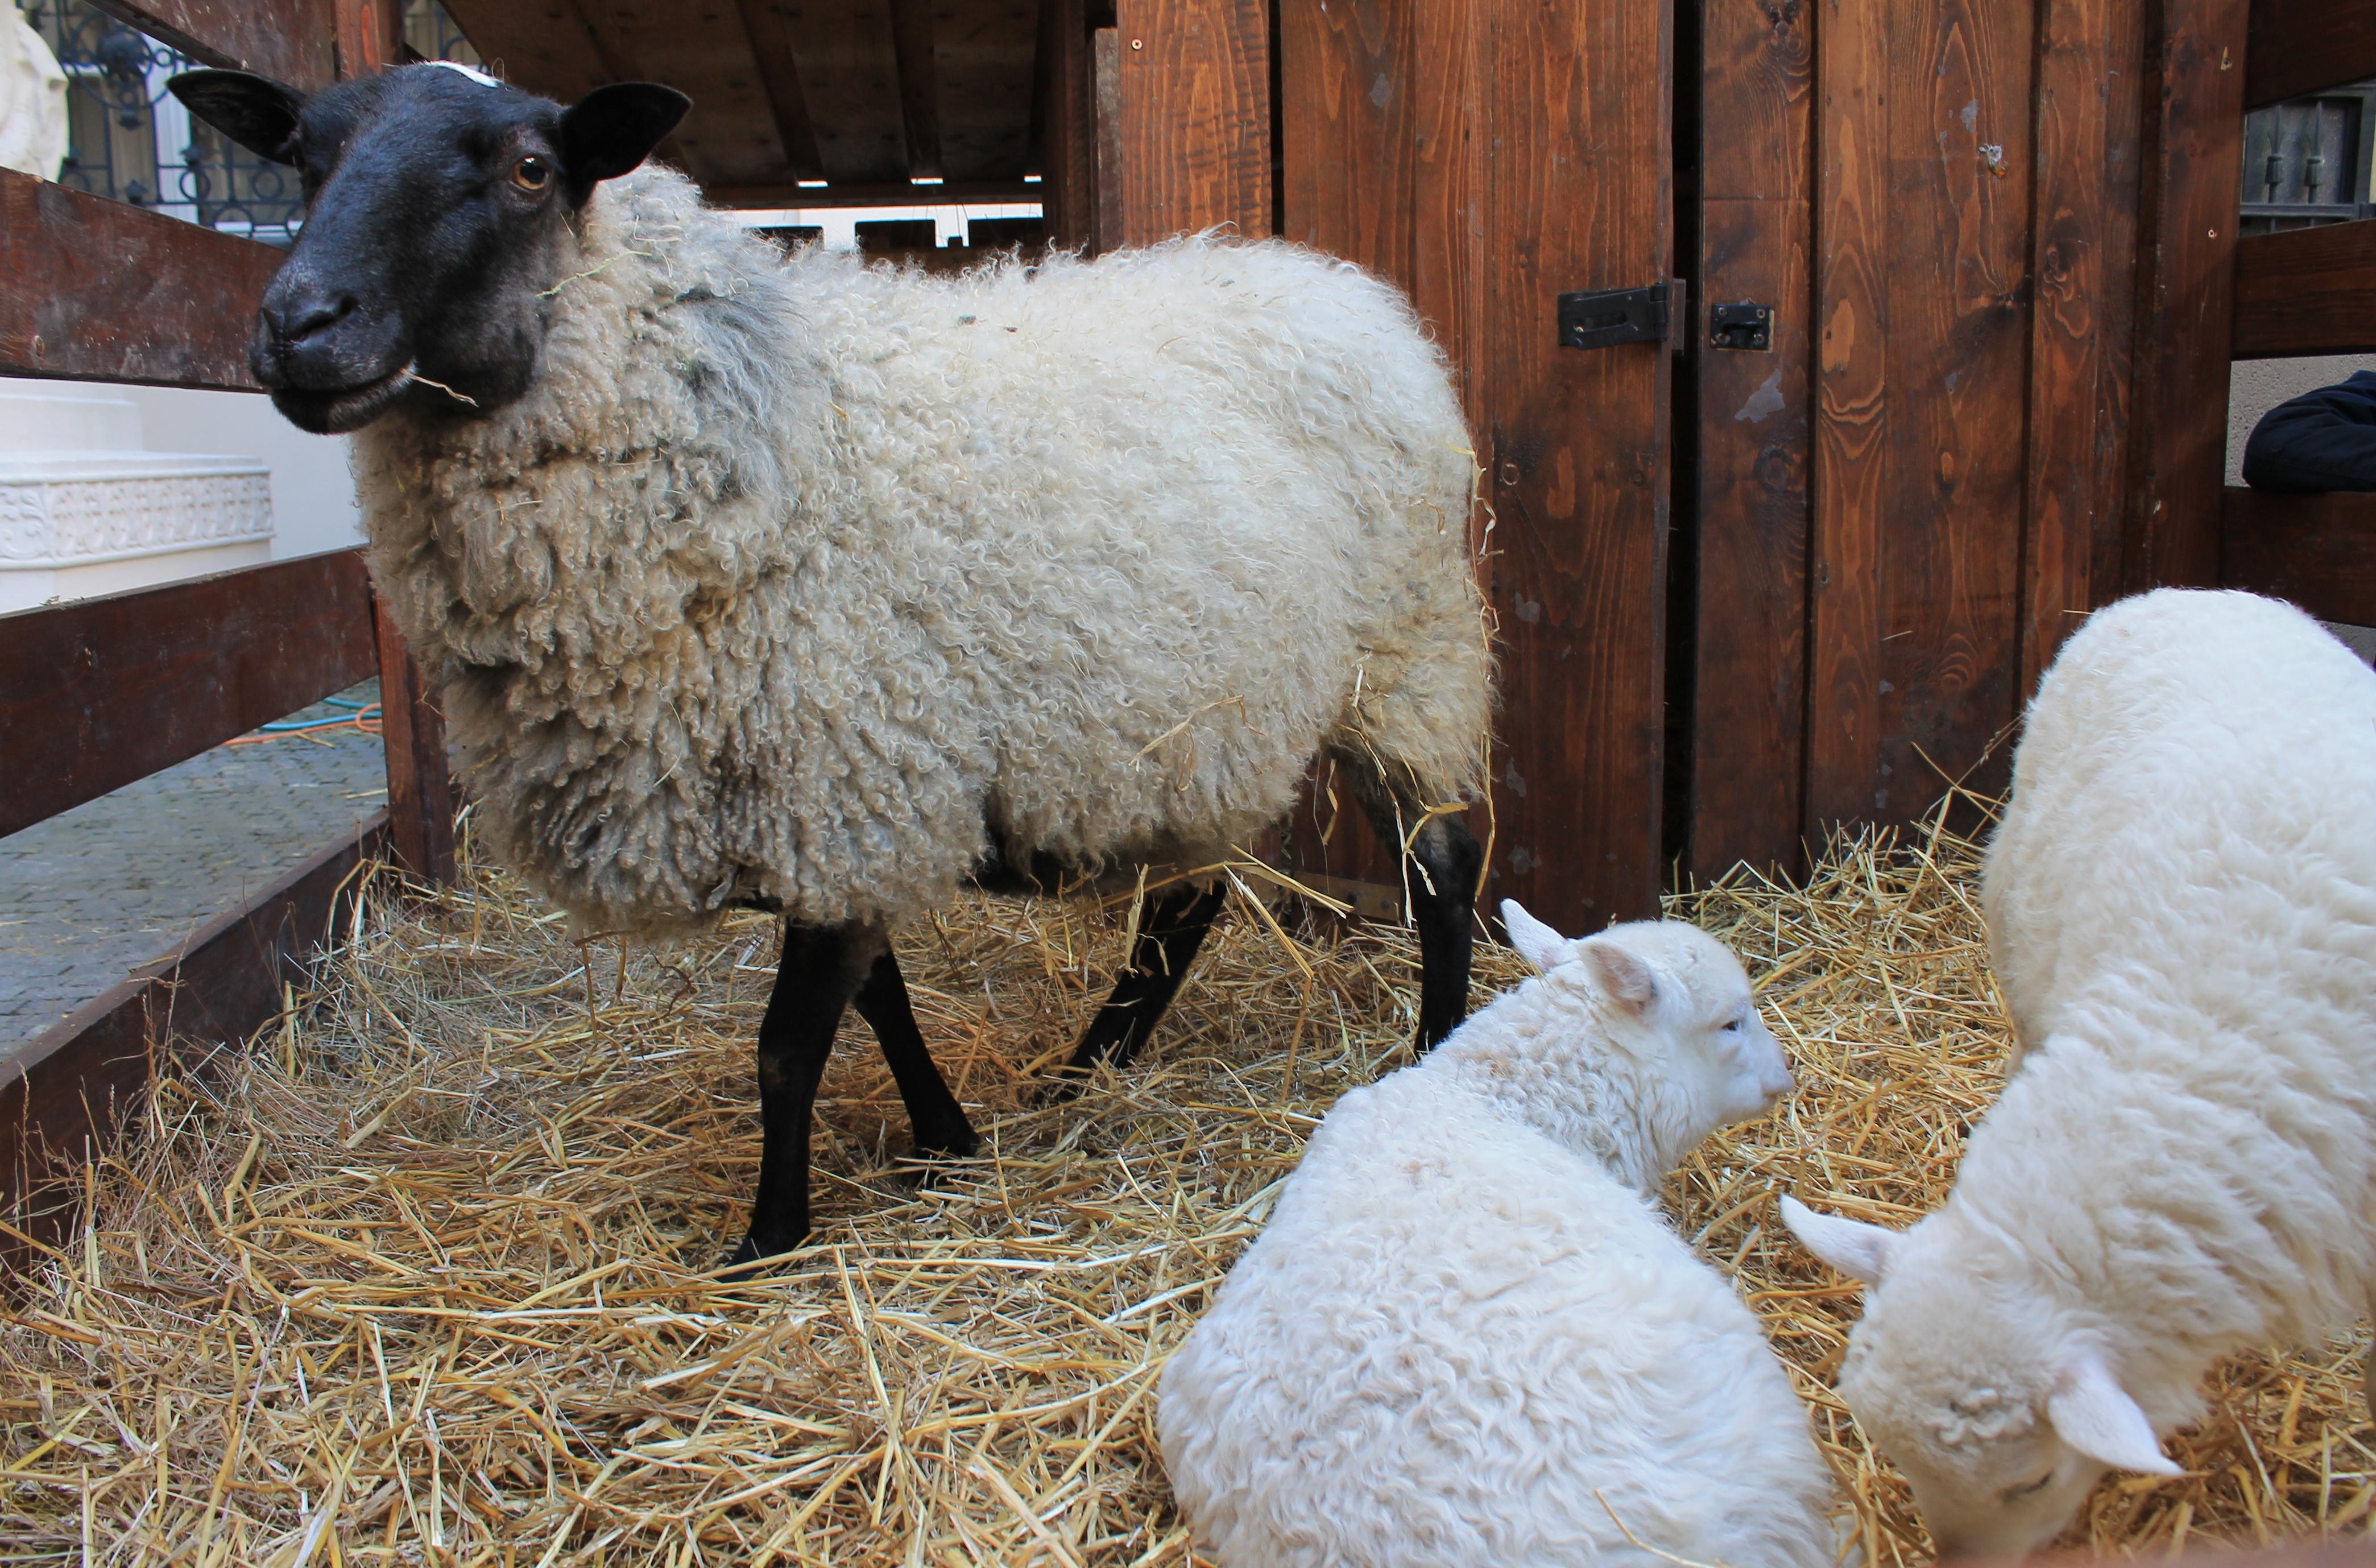 Deti sa určite potešia pri pohľade na ovečky. Zdroj: Aneta Schmogerová